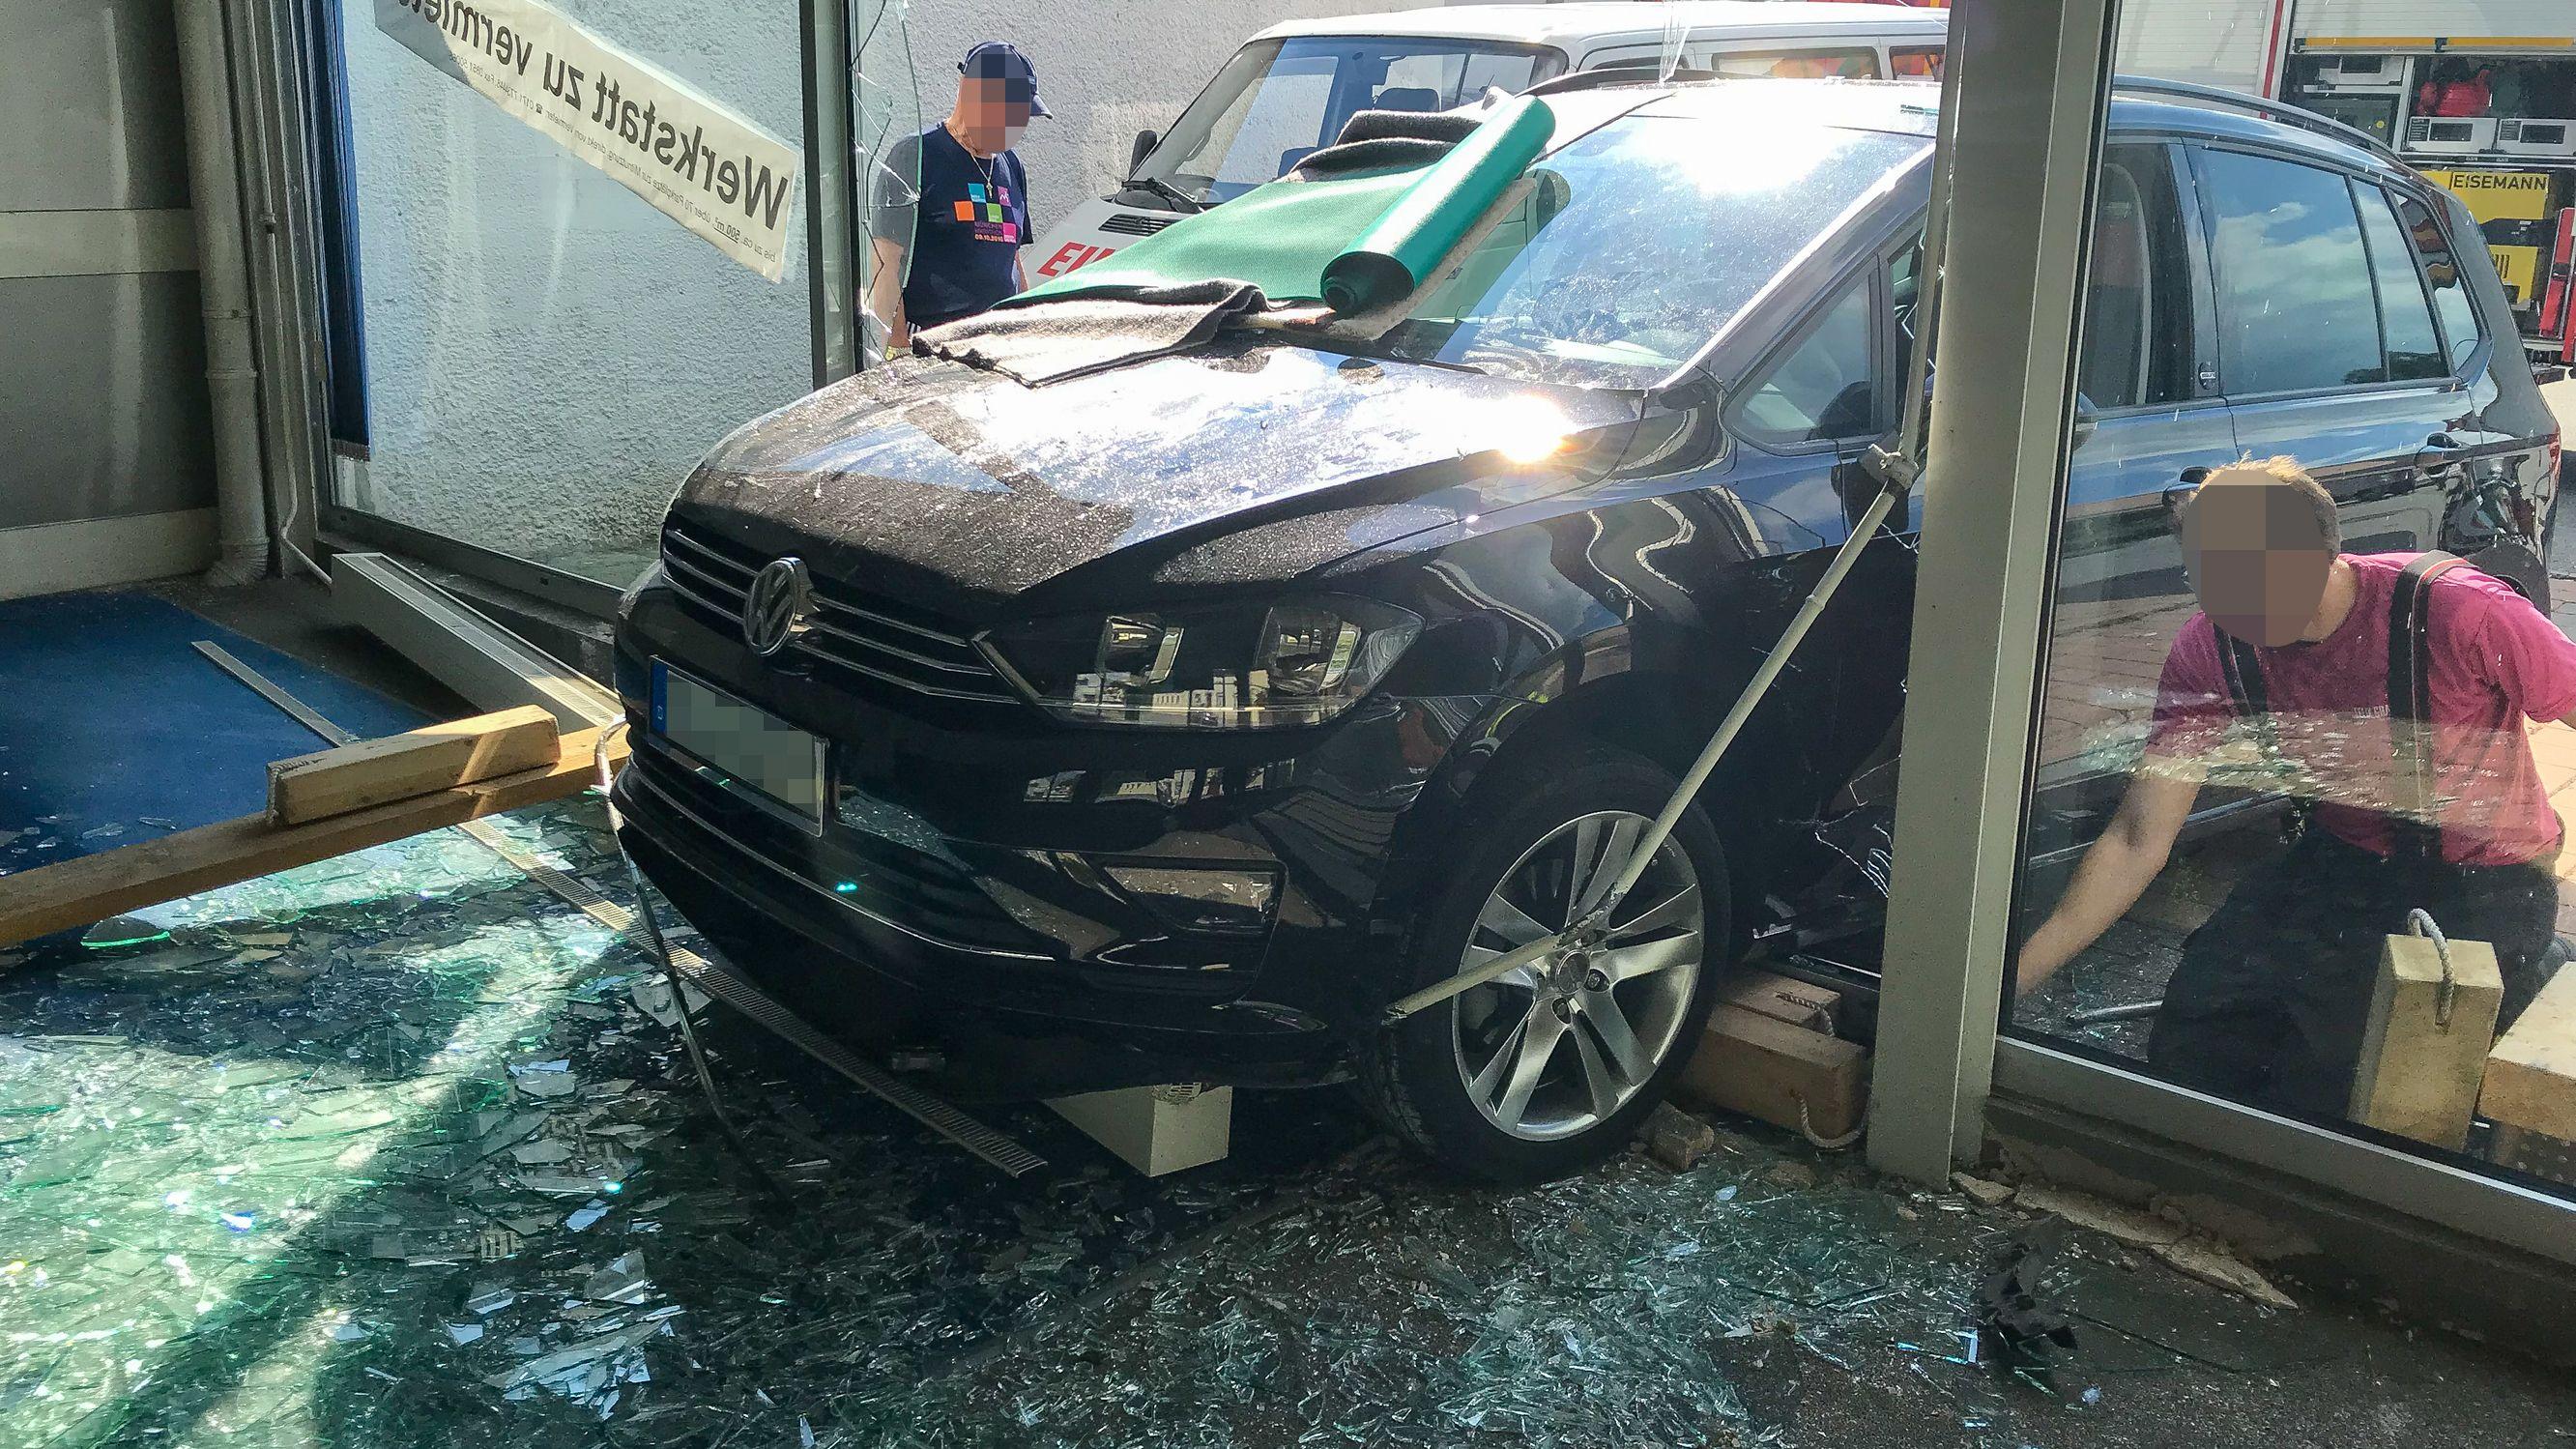 Der Unfallwagen im Ausstellungsraum